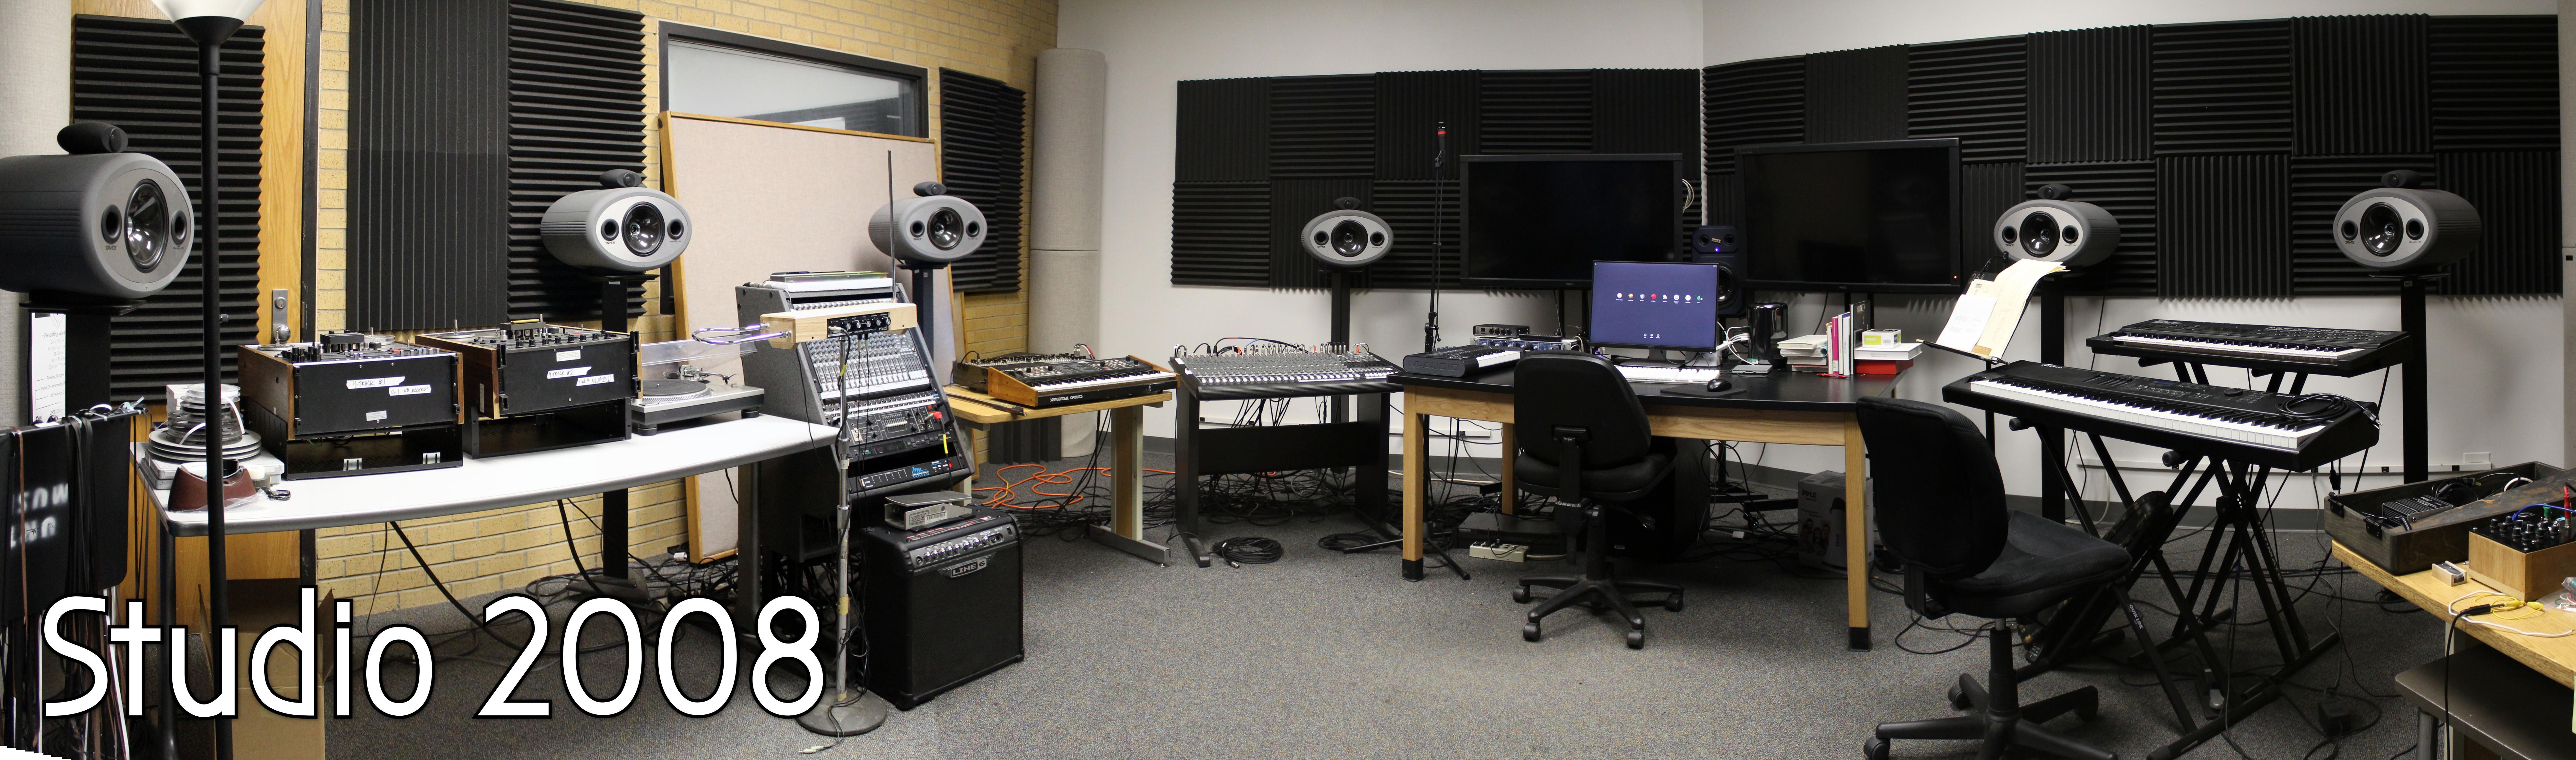 Panoramic Image of Studio 2008